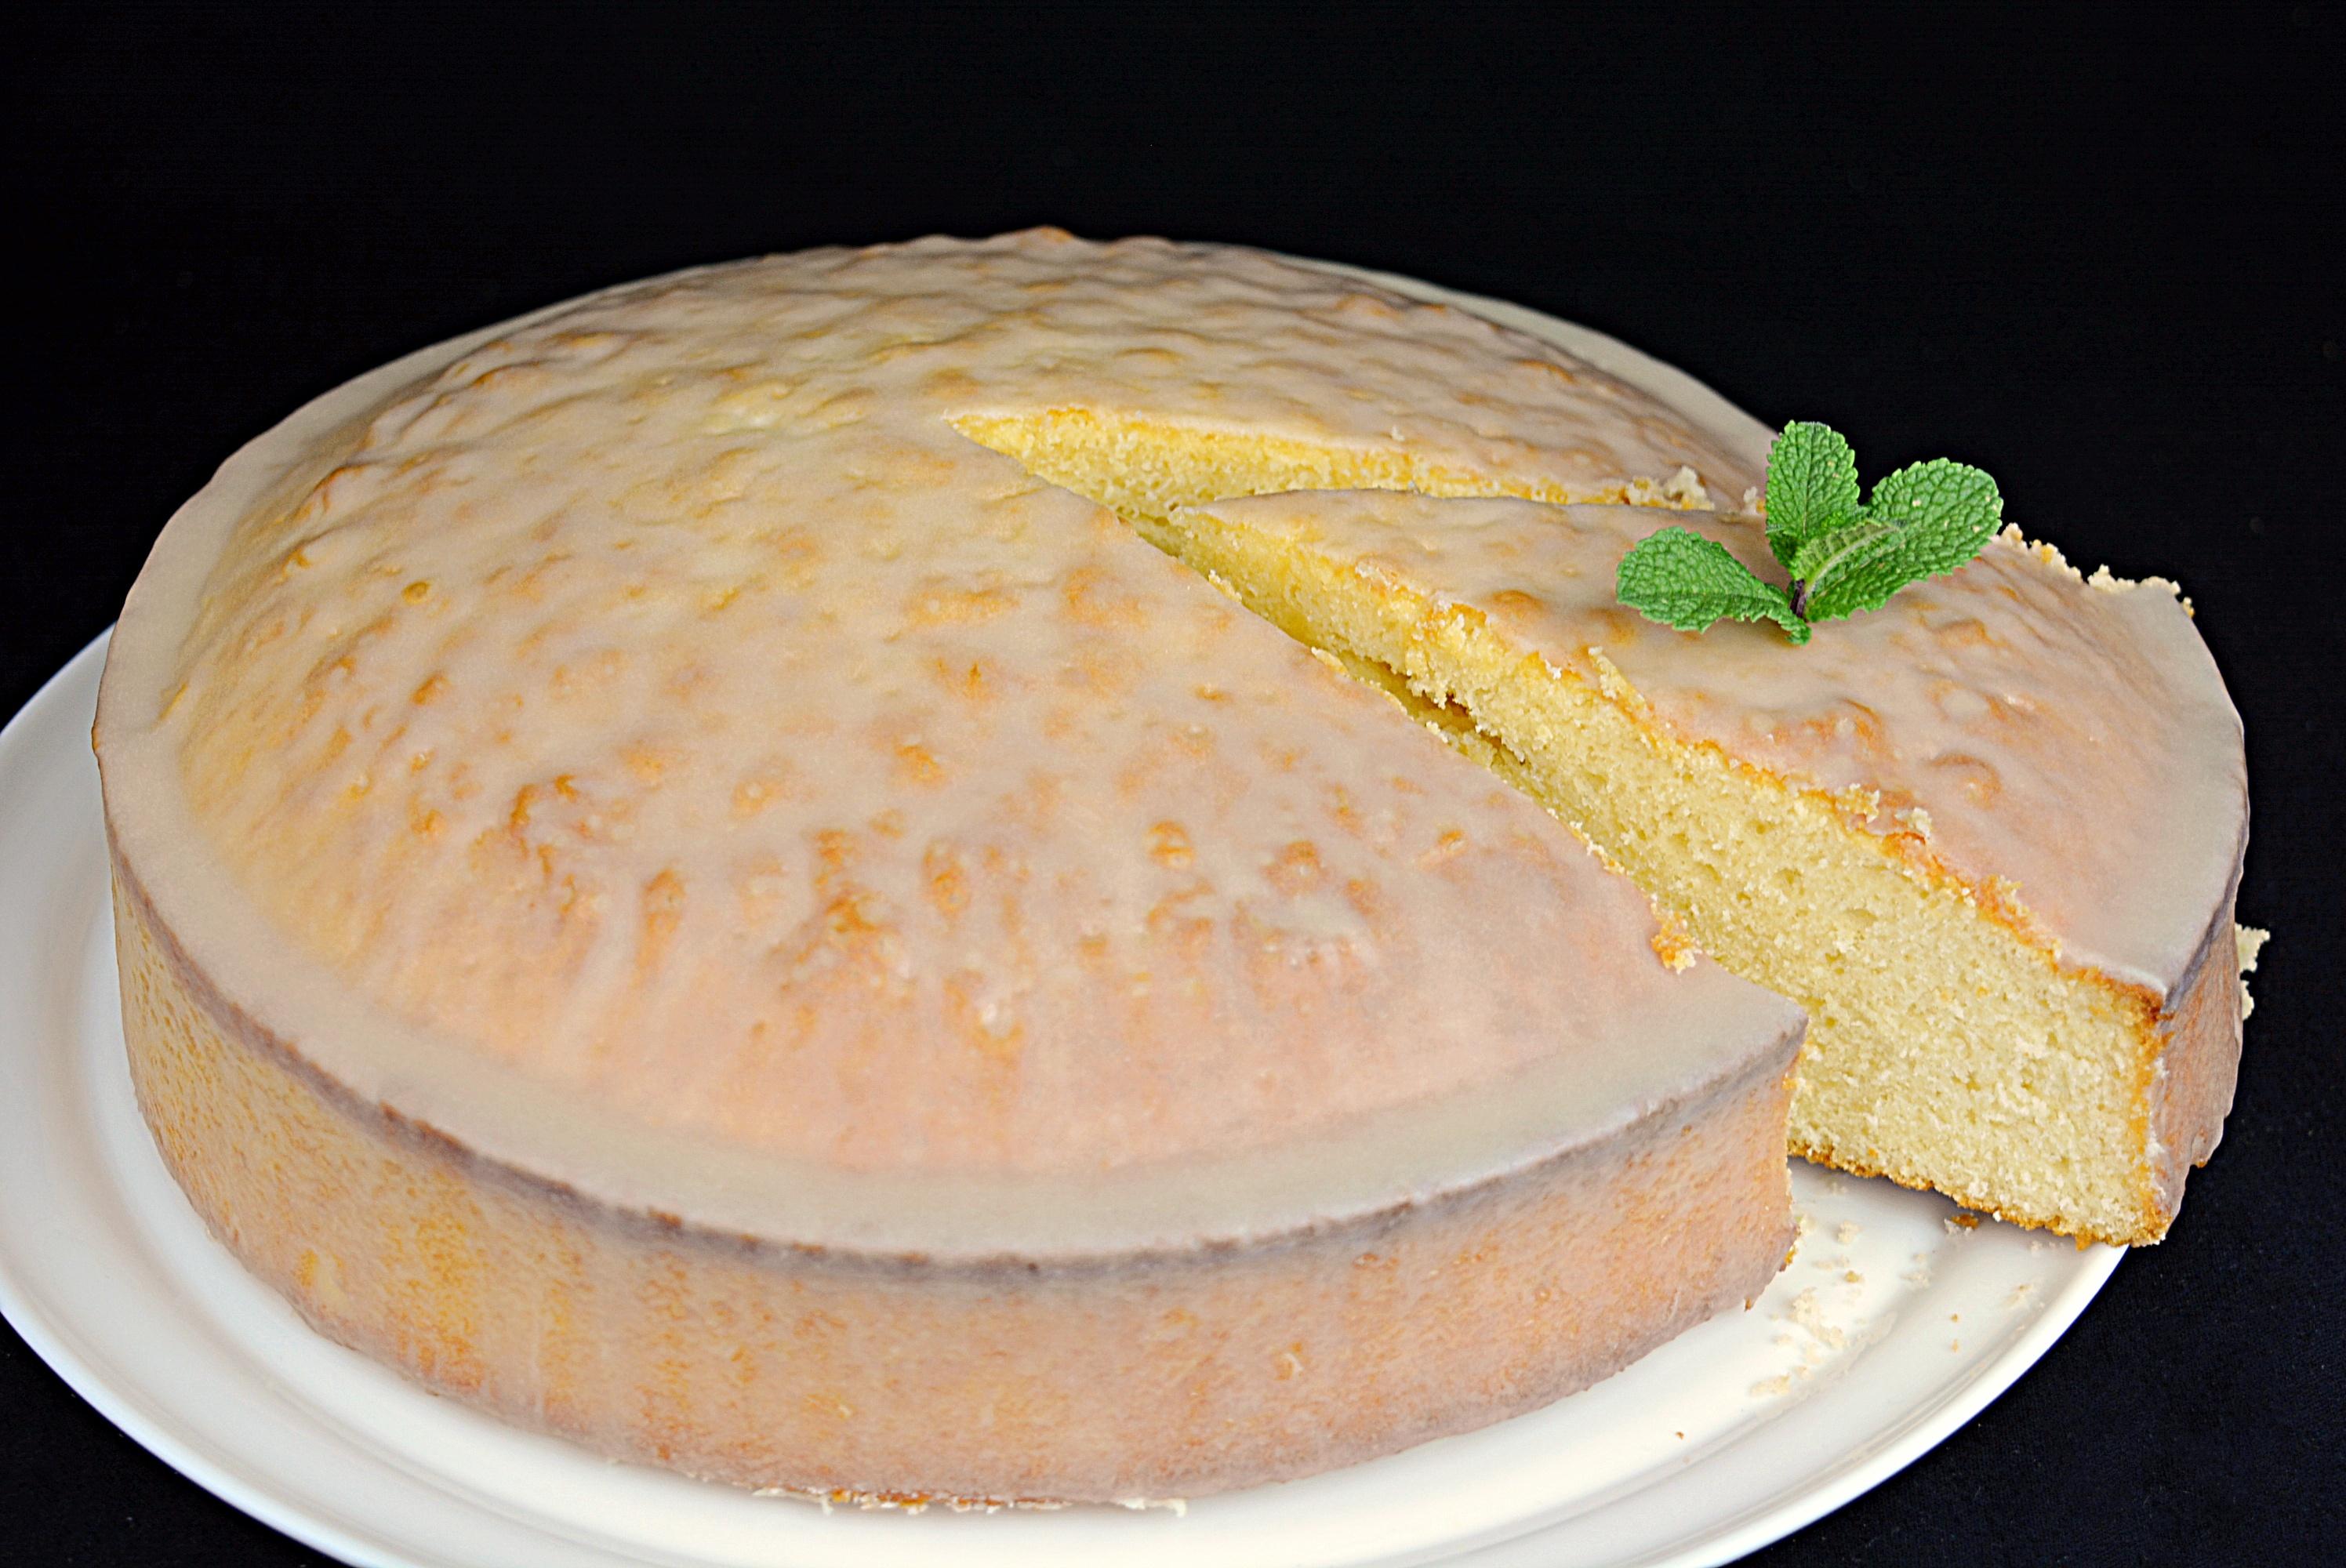 Bizcocho de lim n con ganache de chocolate blanco for Cocina con sergio bizcocho